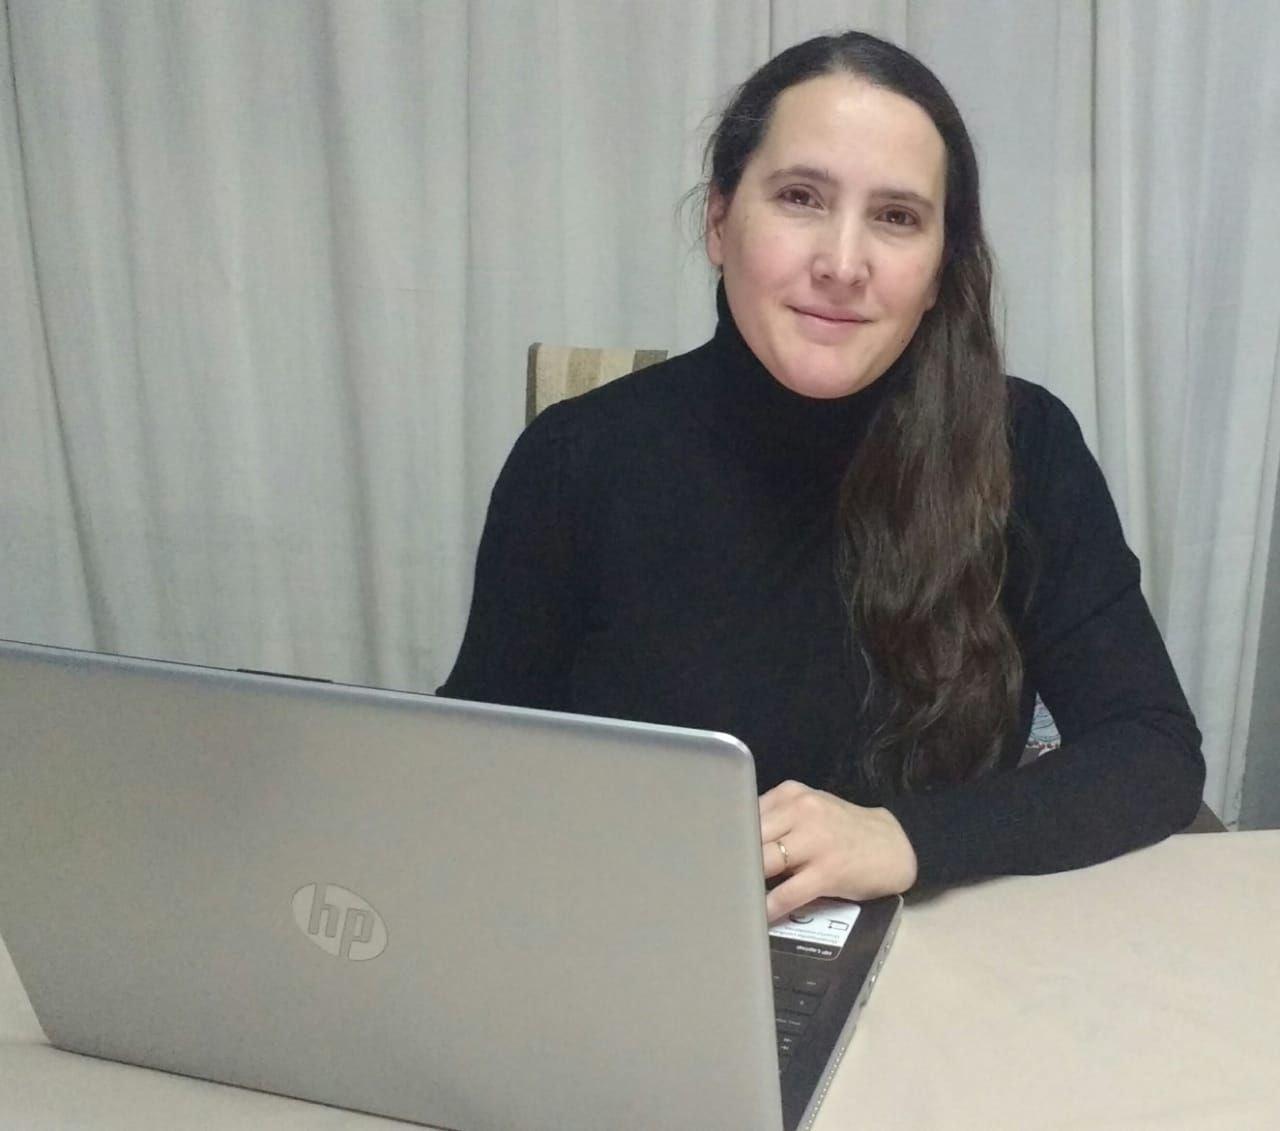 Podcast N° 18 – Hablamos de Scratch Day – Entrevistamos a Ivana Rojas quien nos da su visión sobre los videojuegos Educativos